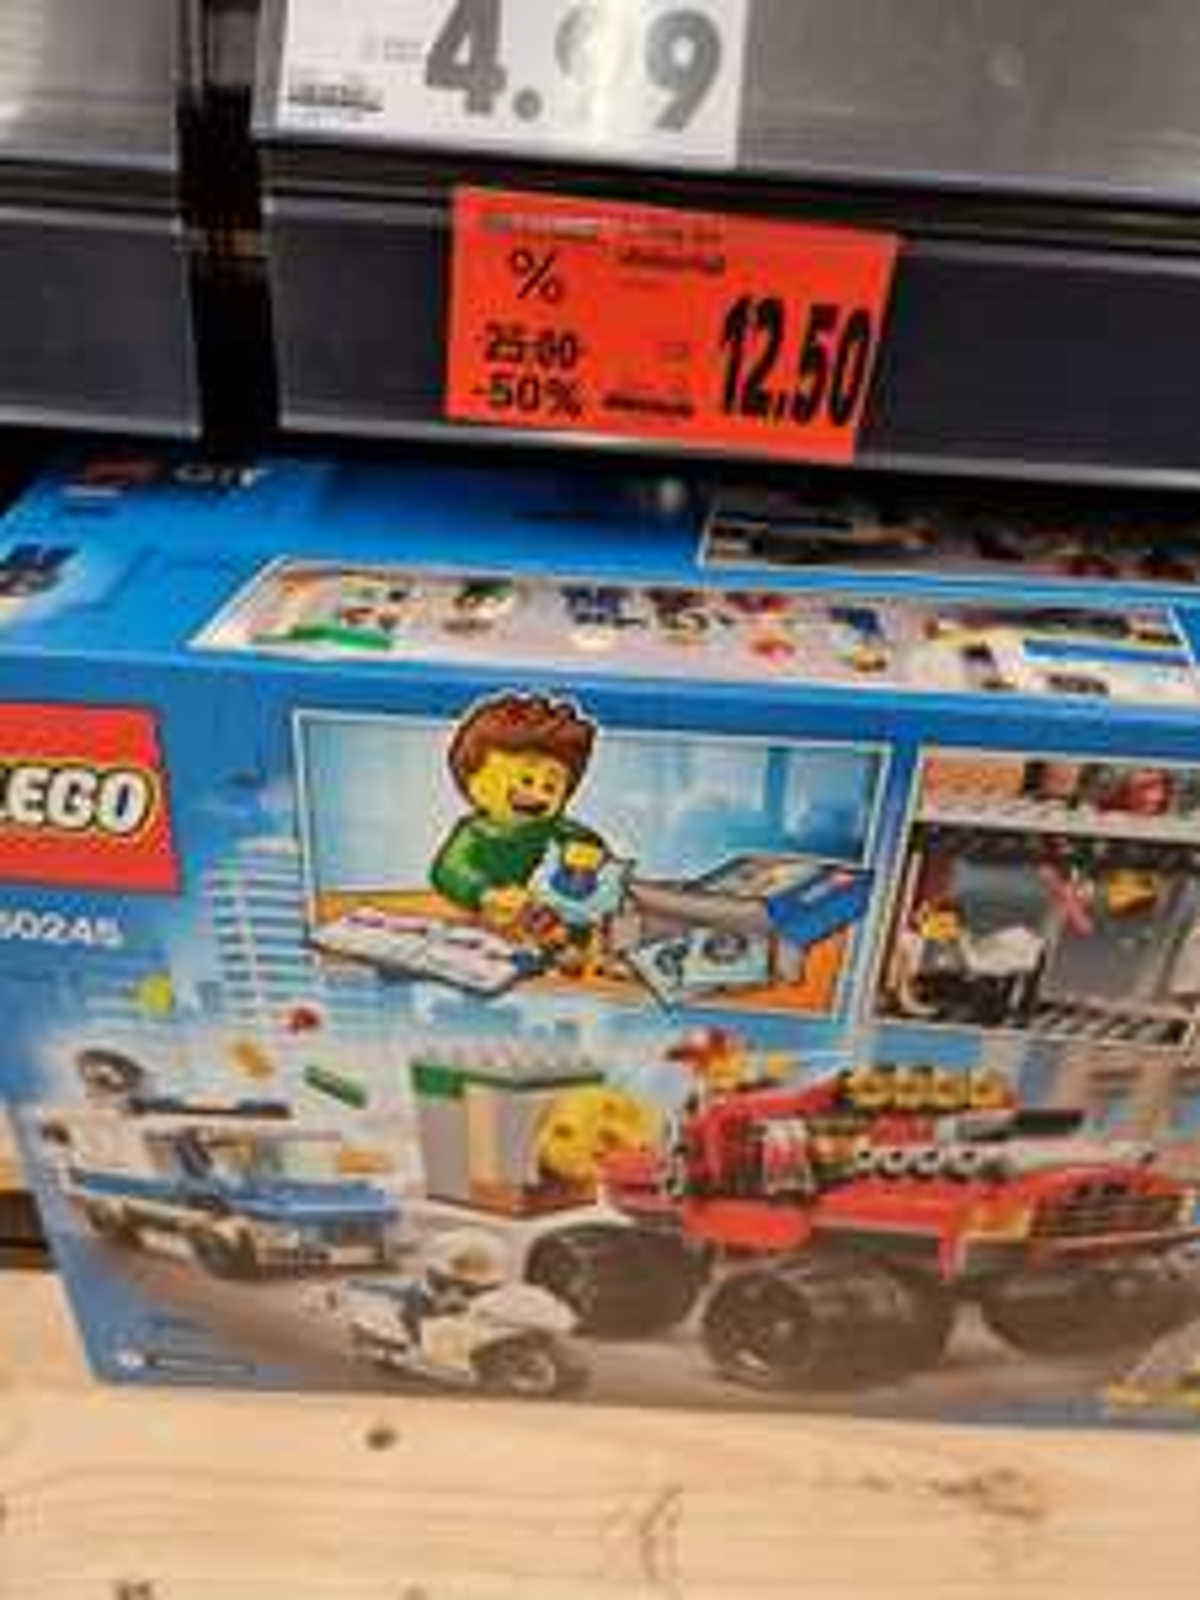 Lego 60245 City Raubüberfall für 12,50 bei Kaufland